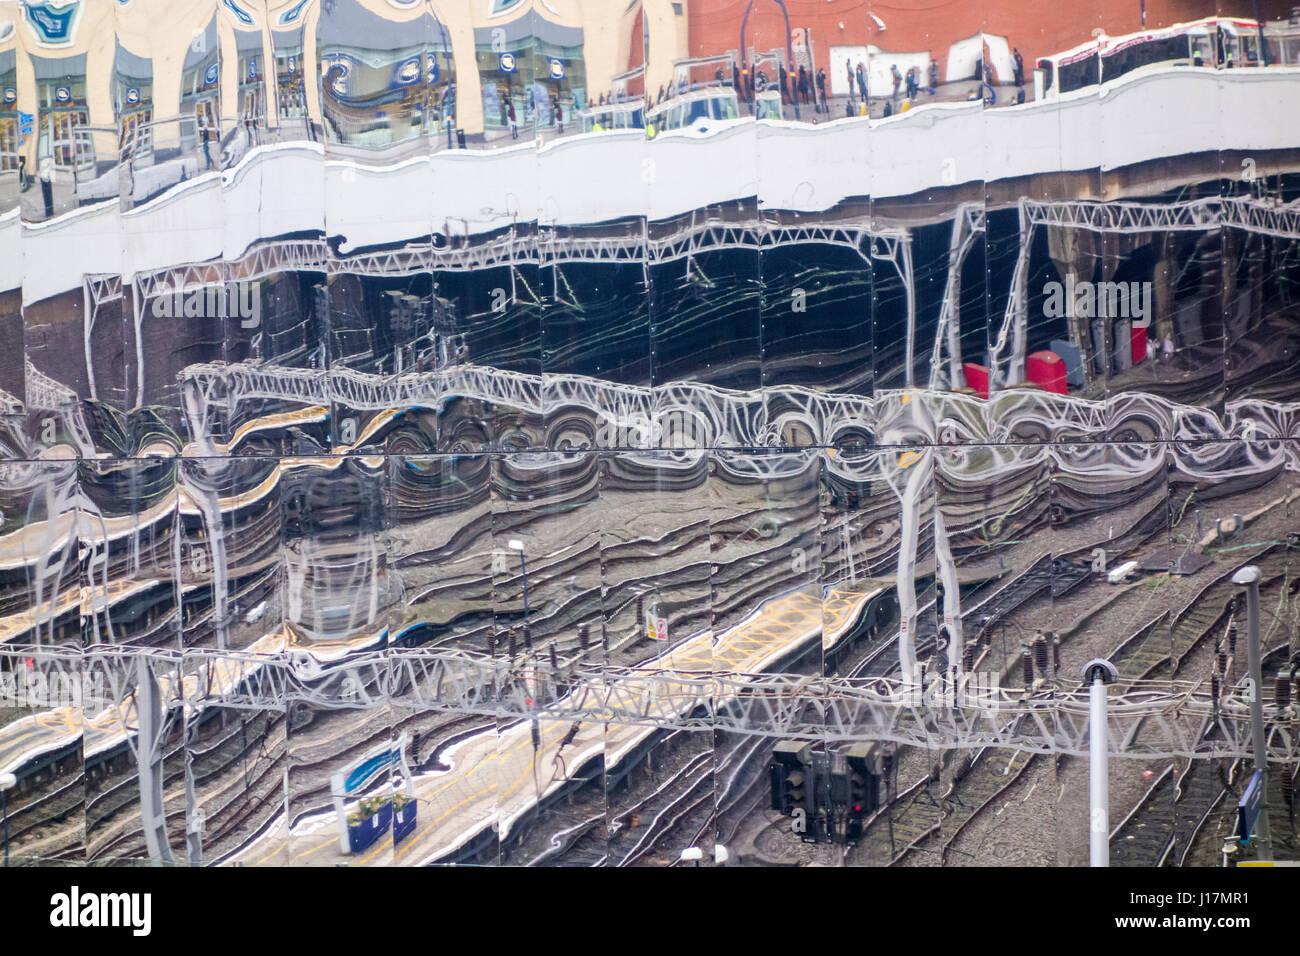 Riflessioni al di fuori Grand Central shopping centre al di sopra di Birmingham New Street Station. Birmingham, Immagini Stock